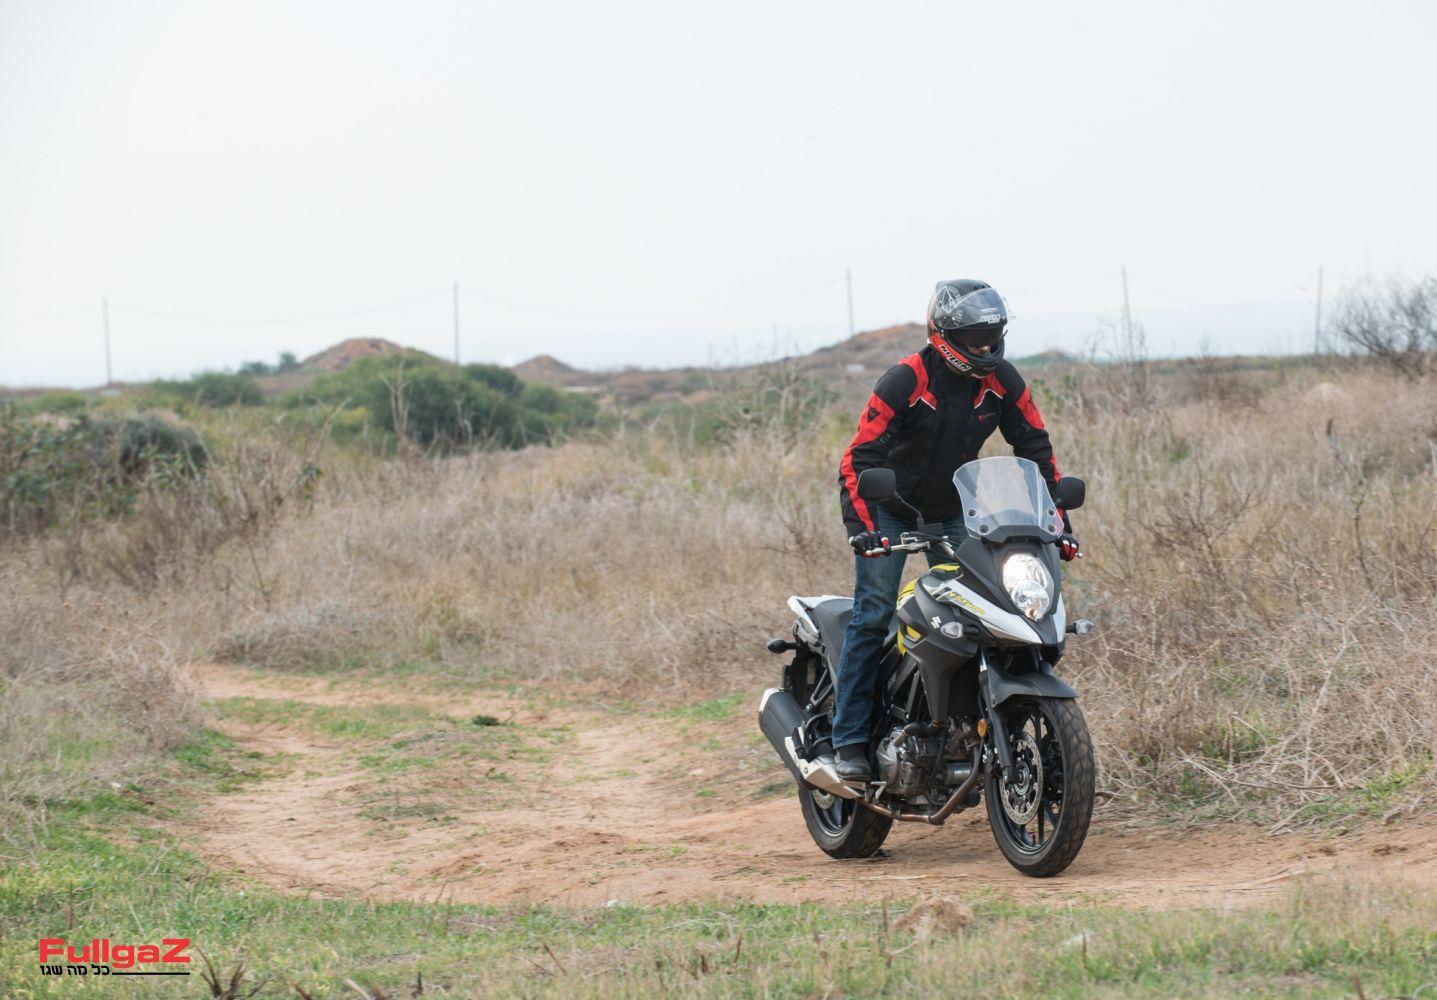 לא אופנוע שטח, אבל בהחלט יכול להתגלגל על שבילים